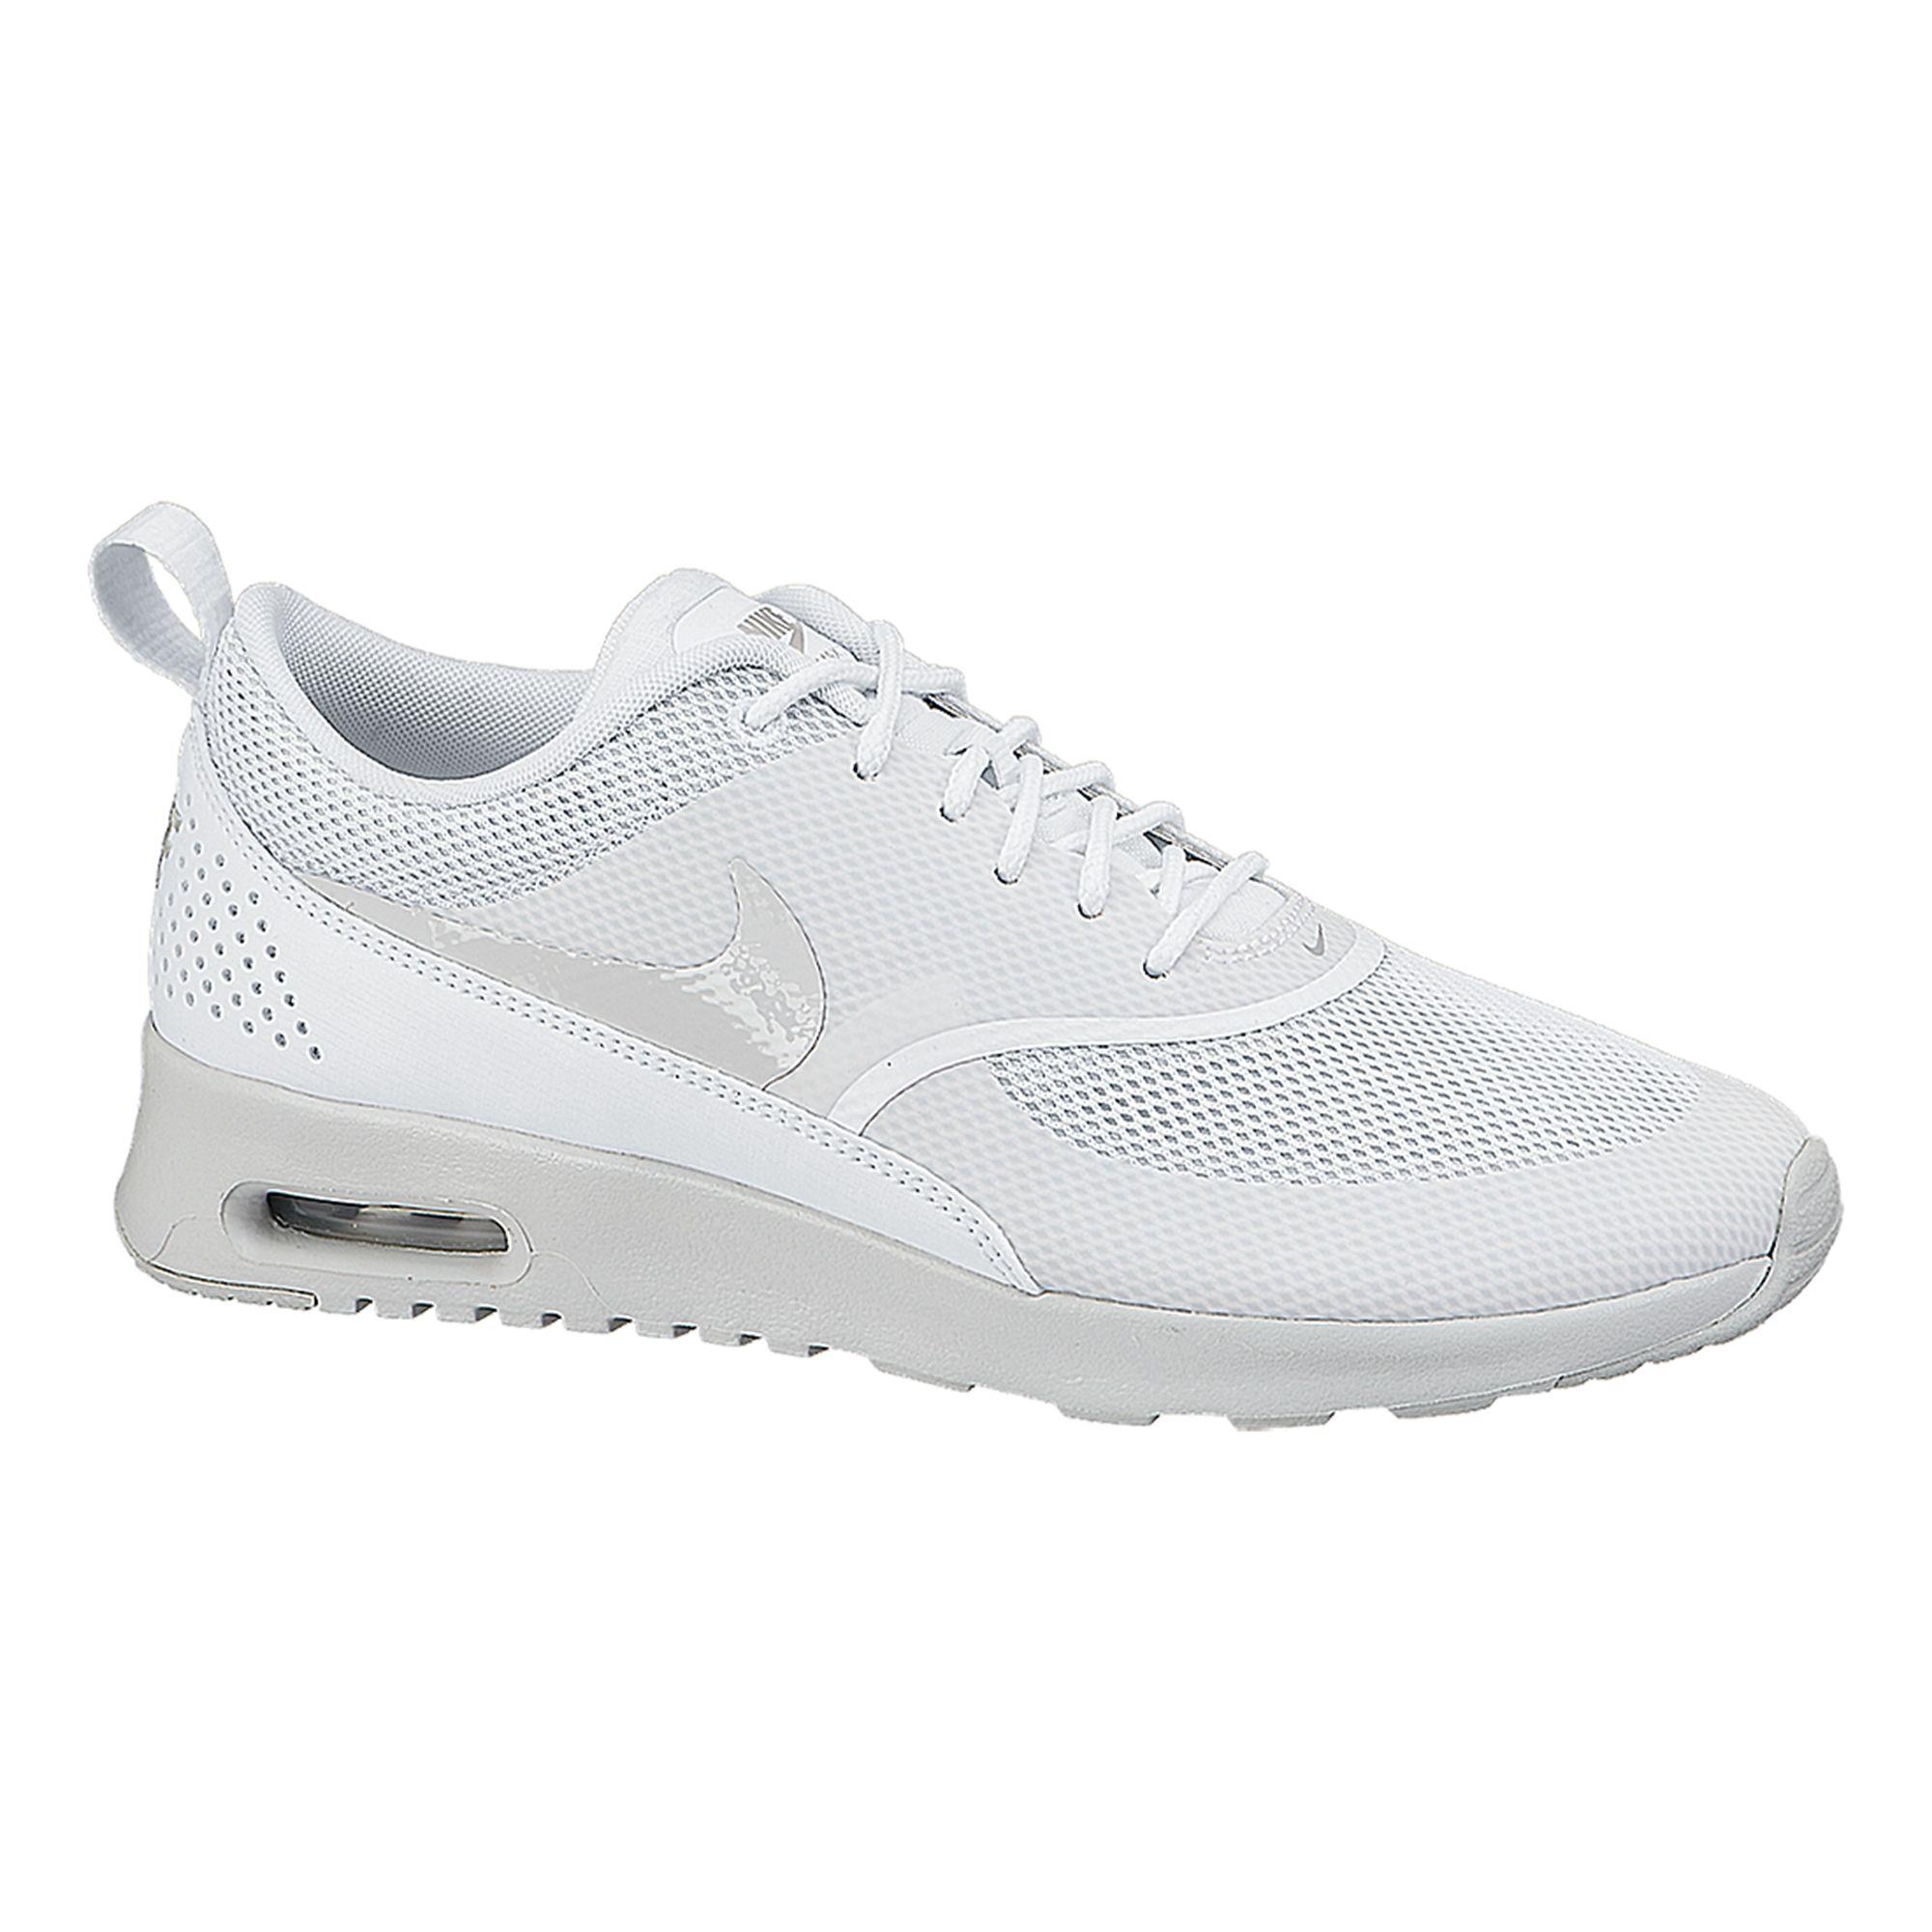 Zapatillas Nike Air Max Qs Thea Joli Femenina Y nueva línea aclaramiento nueva llegada mejor lugar barato envío libre toma extremadamente rHuLl6kR